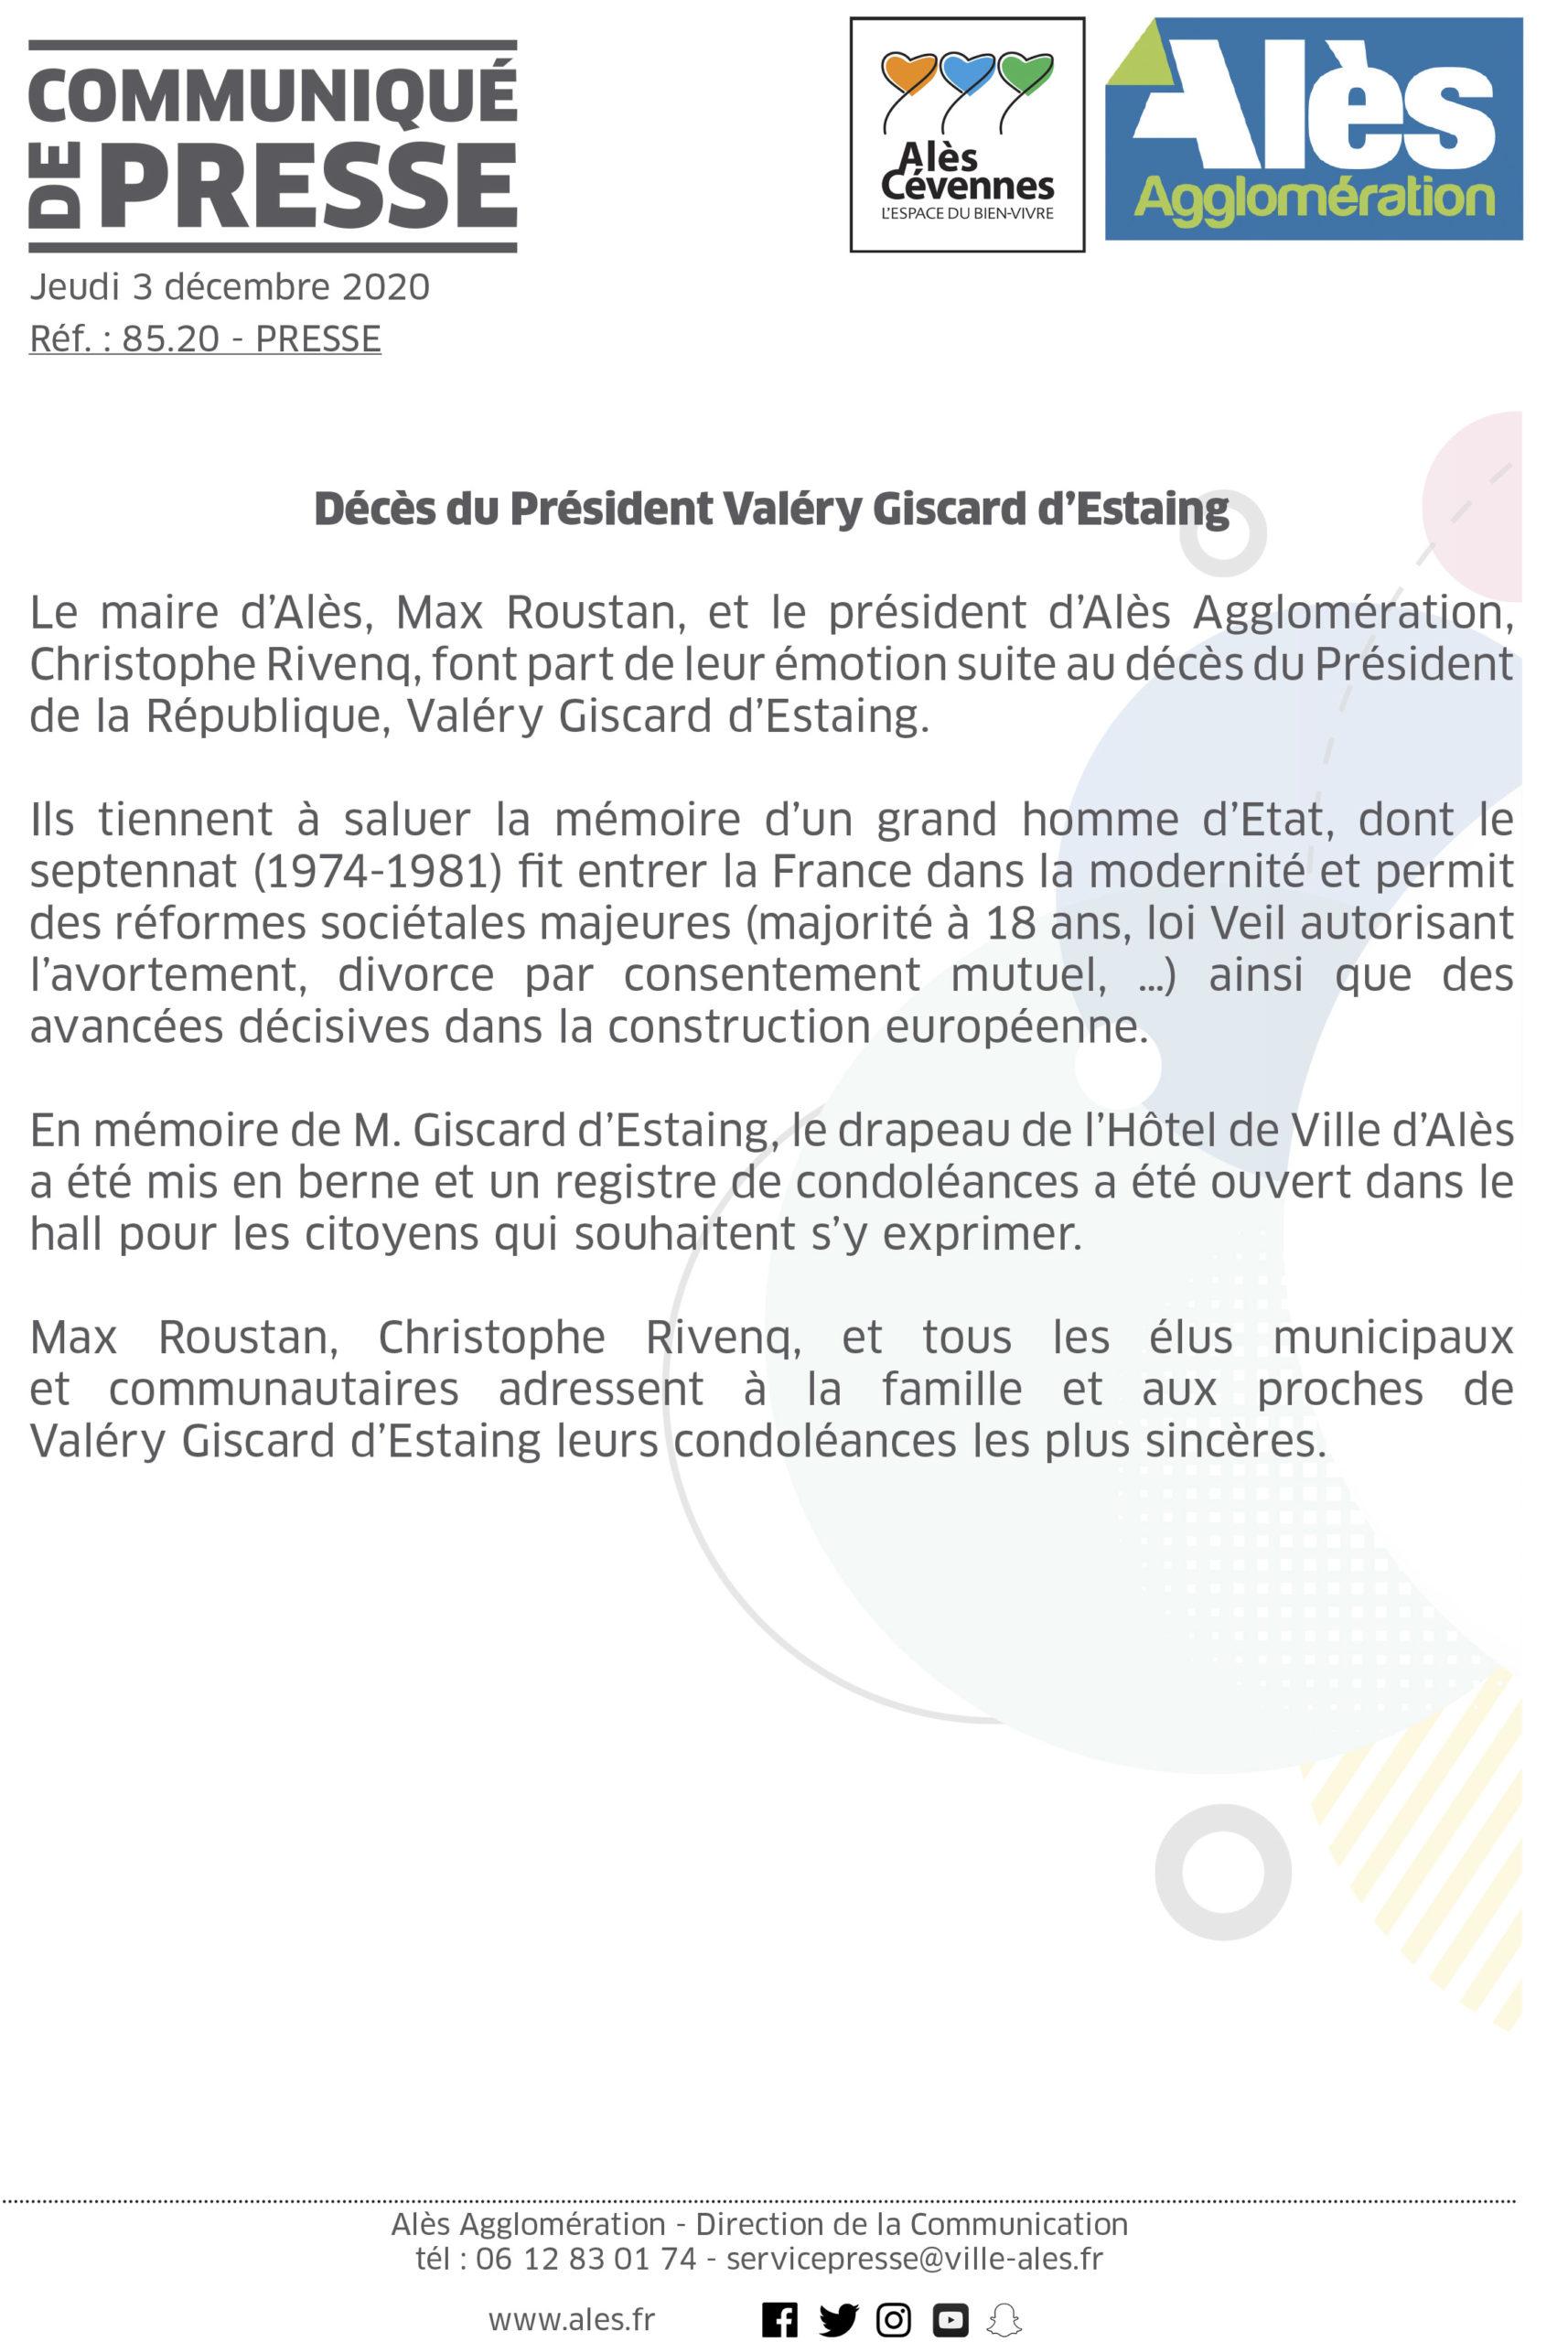 COMMUNIQUÉ DE PRESSE – Décès du Président Valérie Giscard d'Estaing